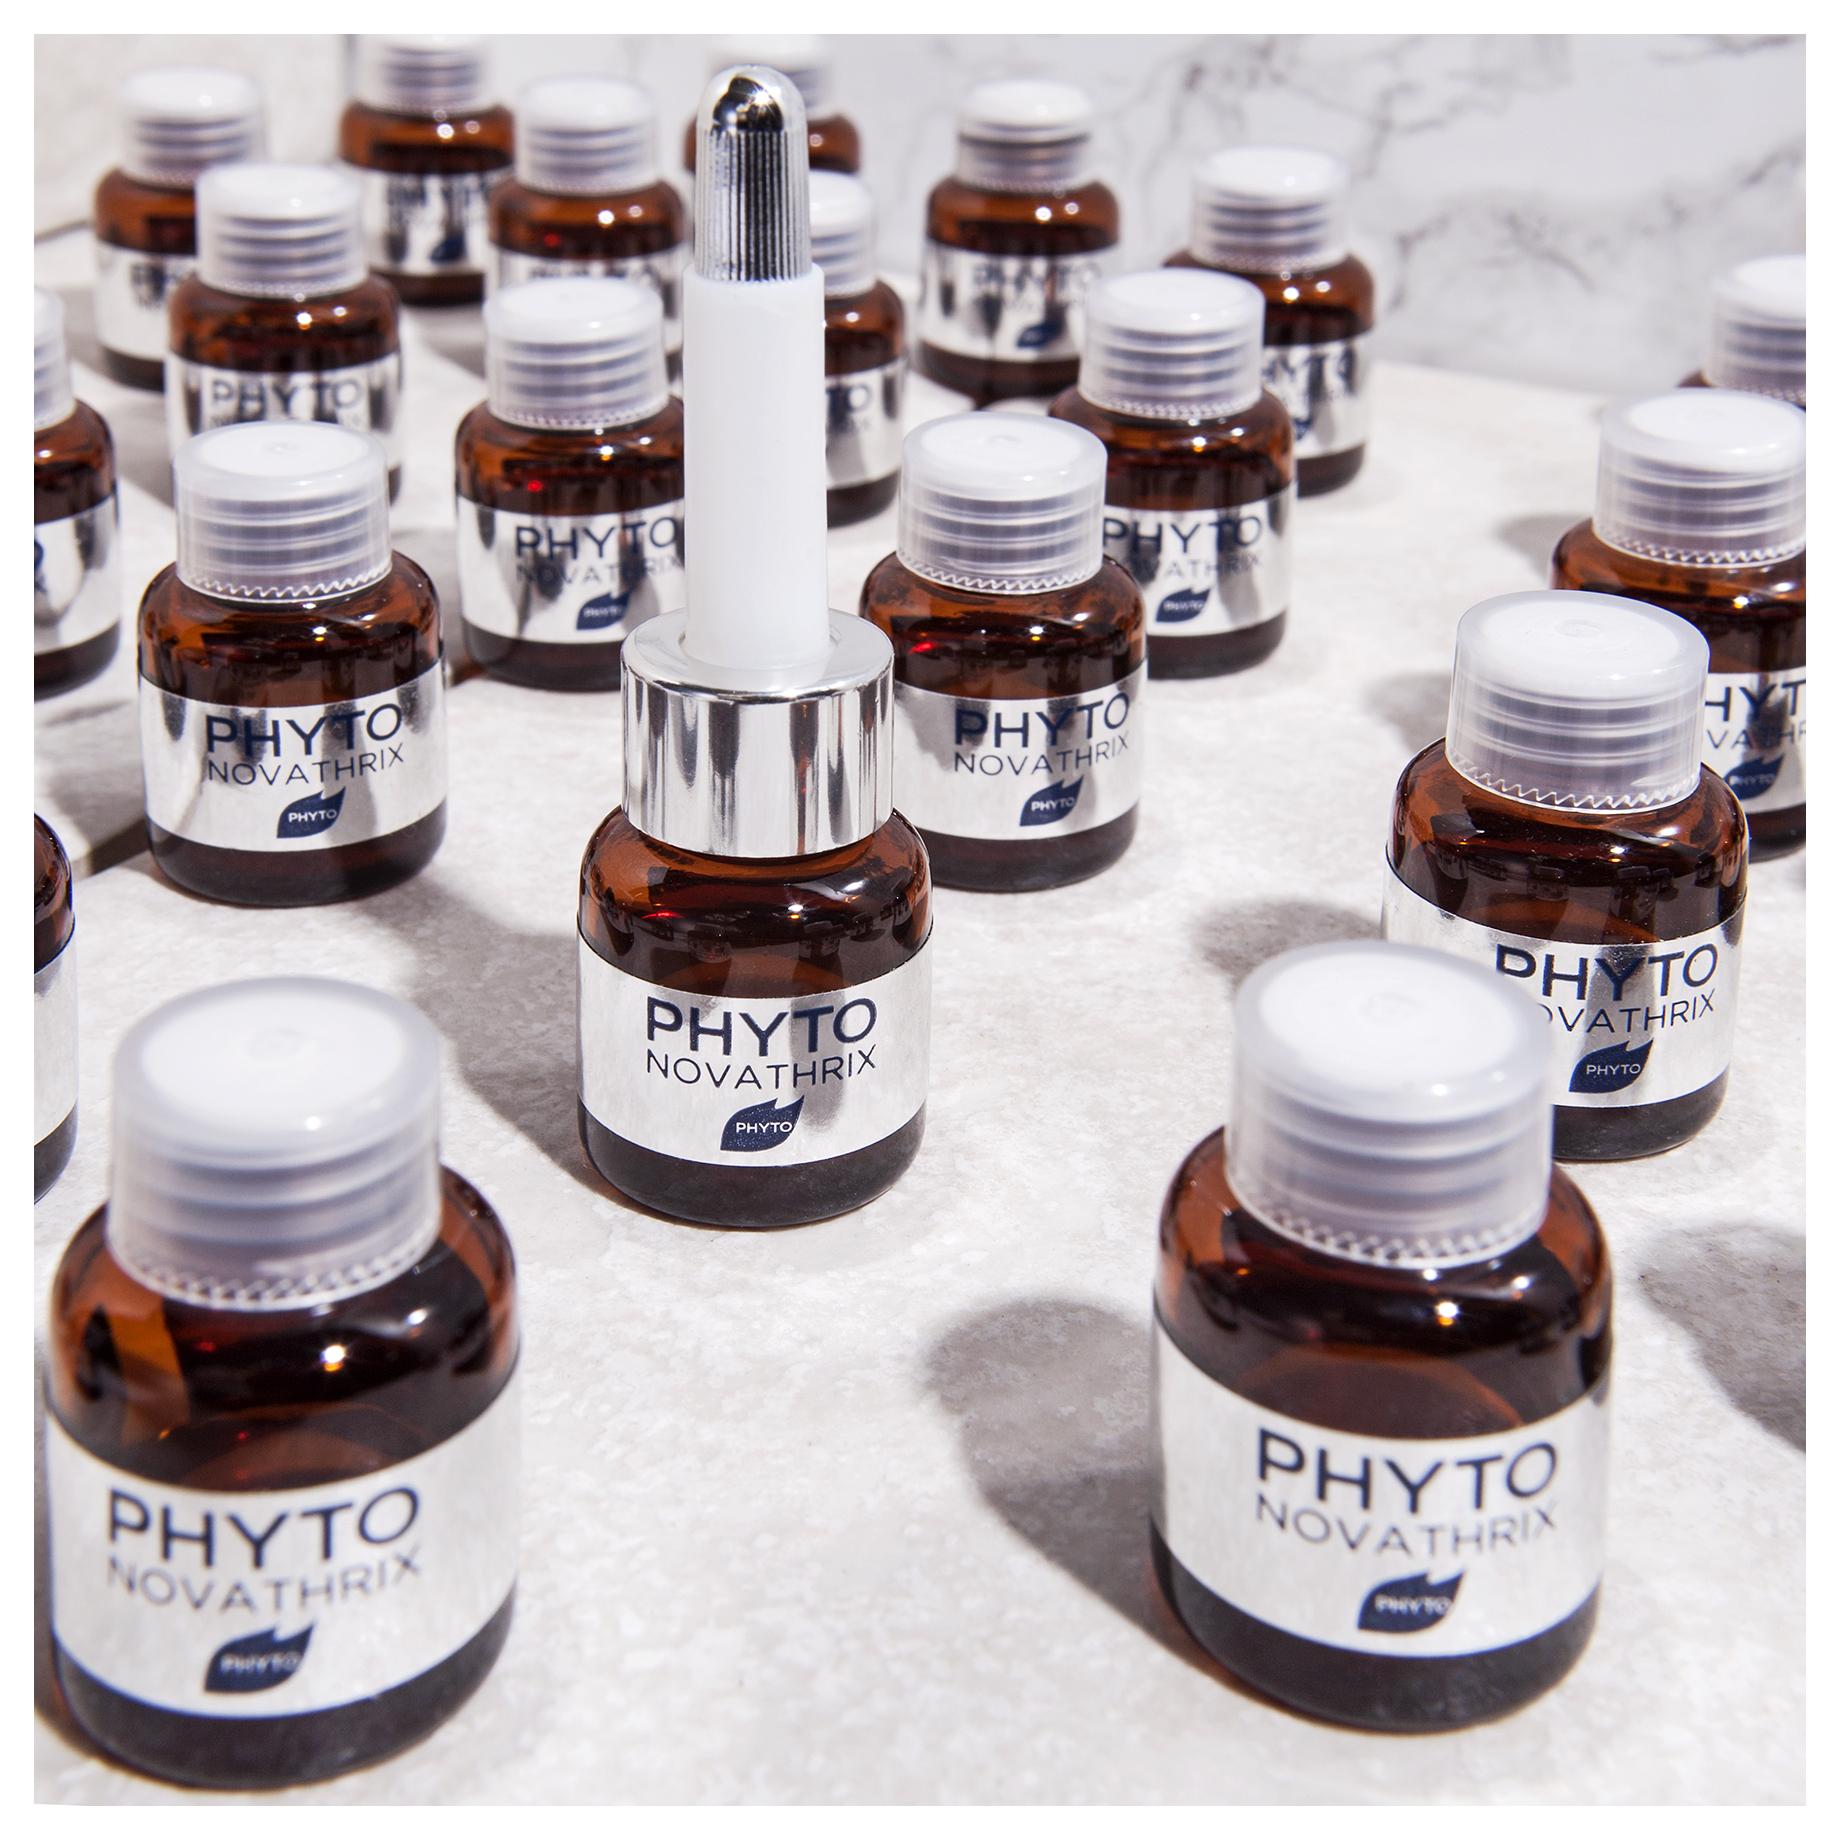 Phyto_Novatrix_WEB